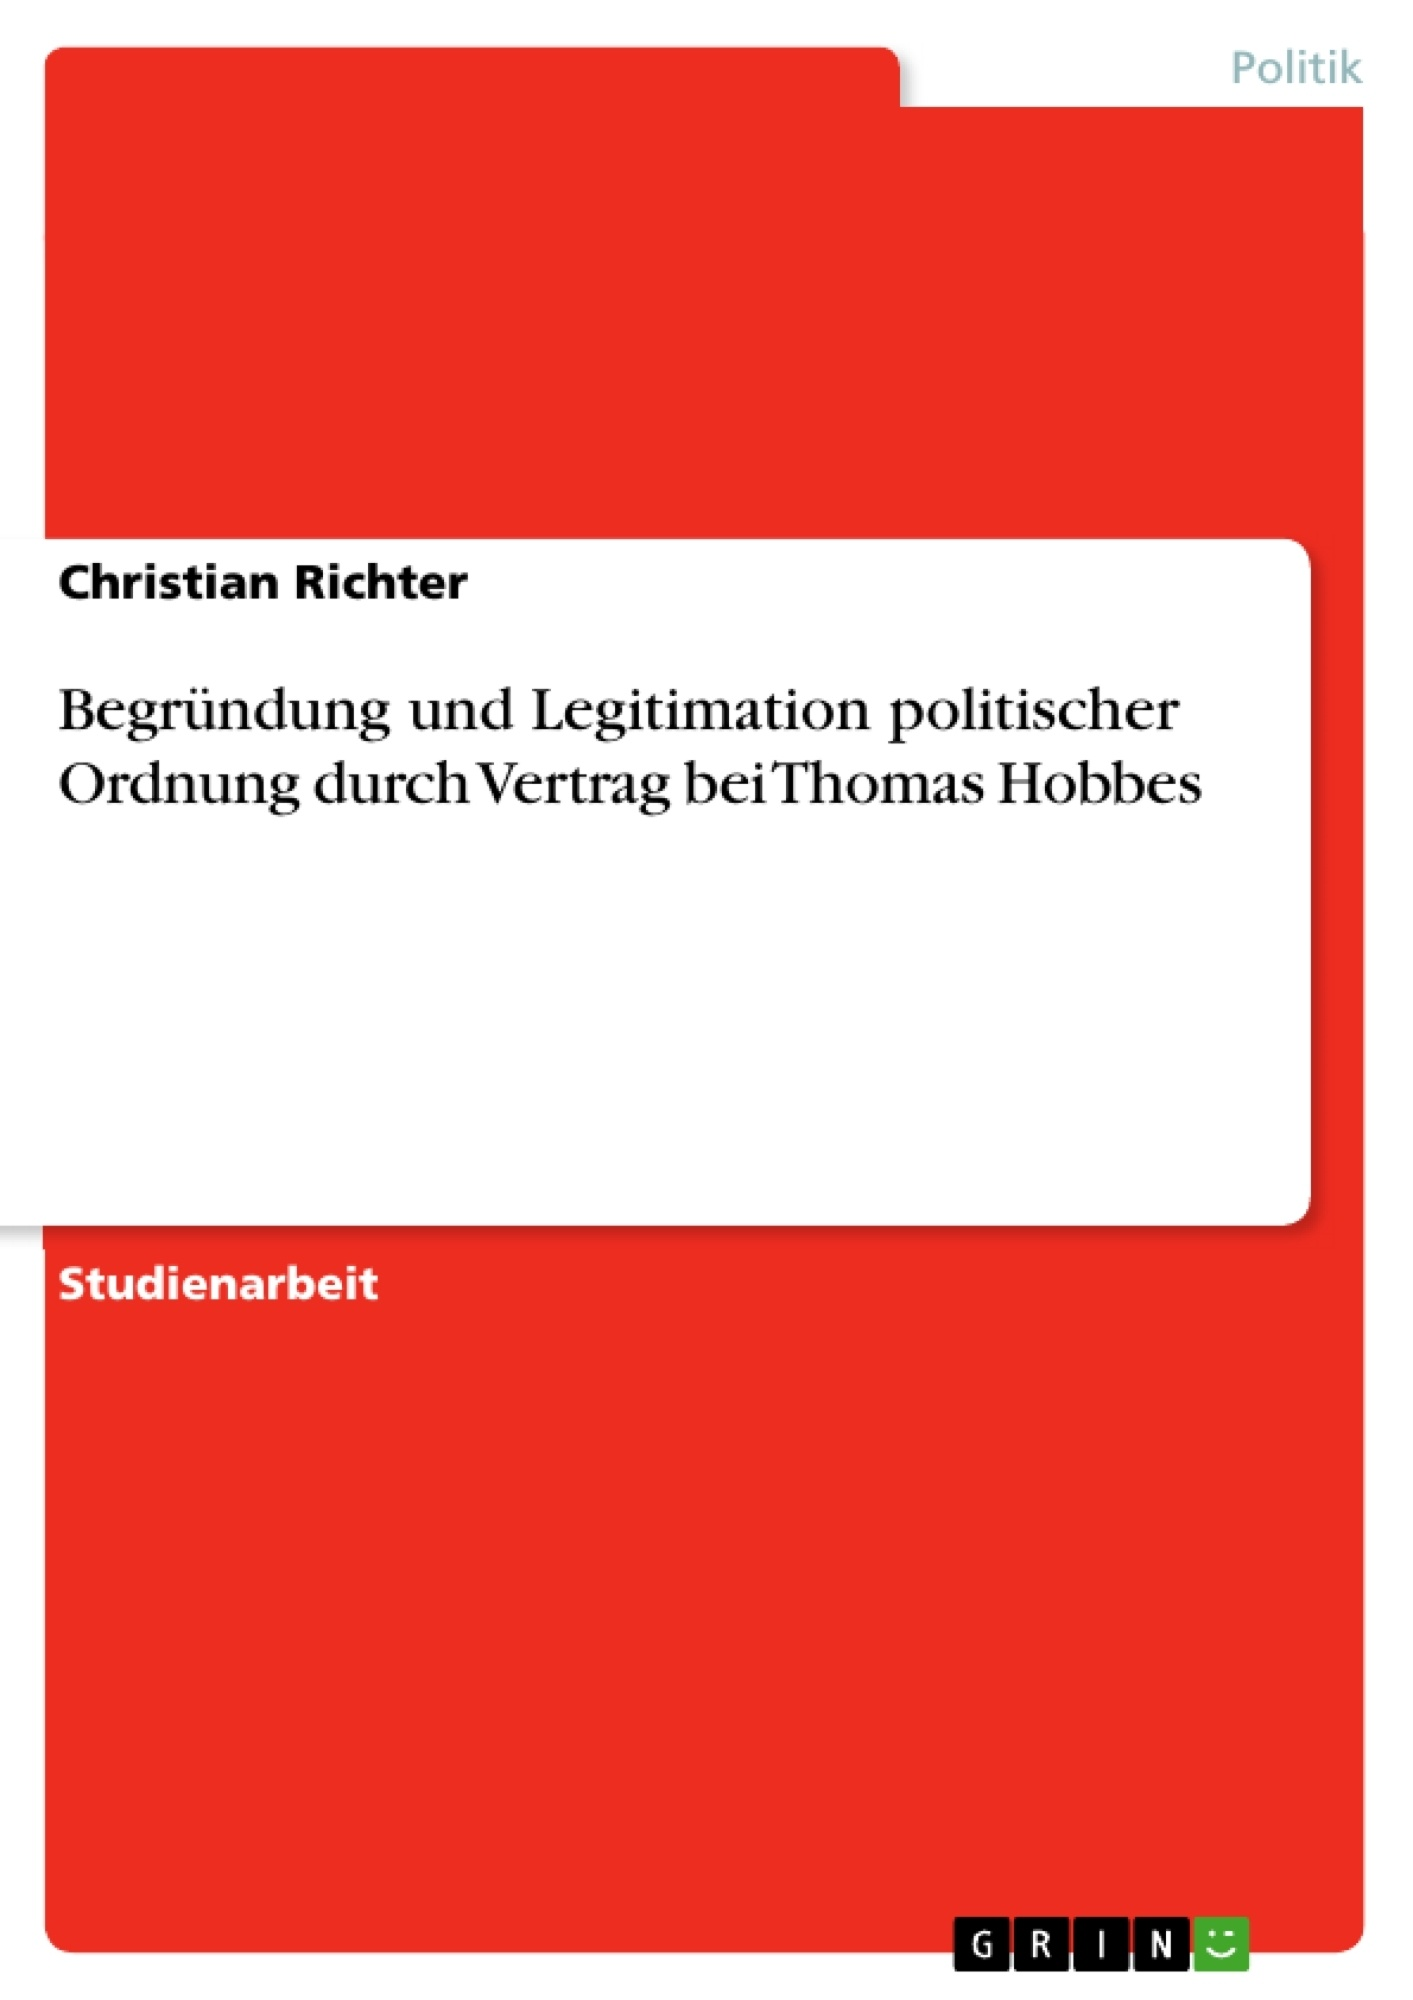 Titel: Begründung und Legitimation politischer Ordnung durch Vertrag bei Thomas Hobbes